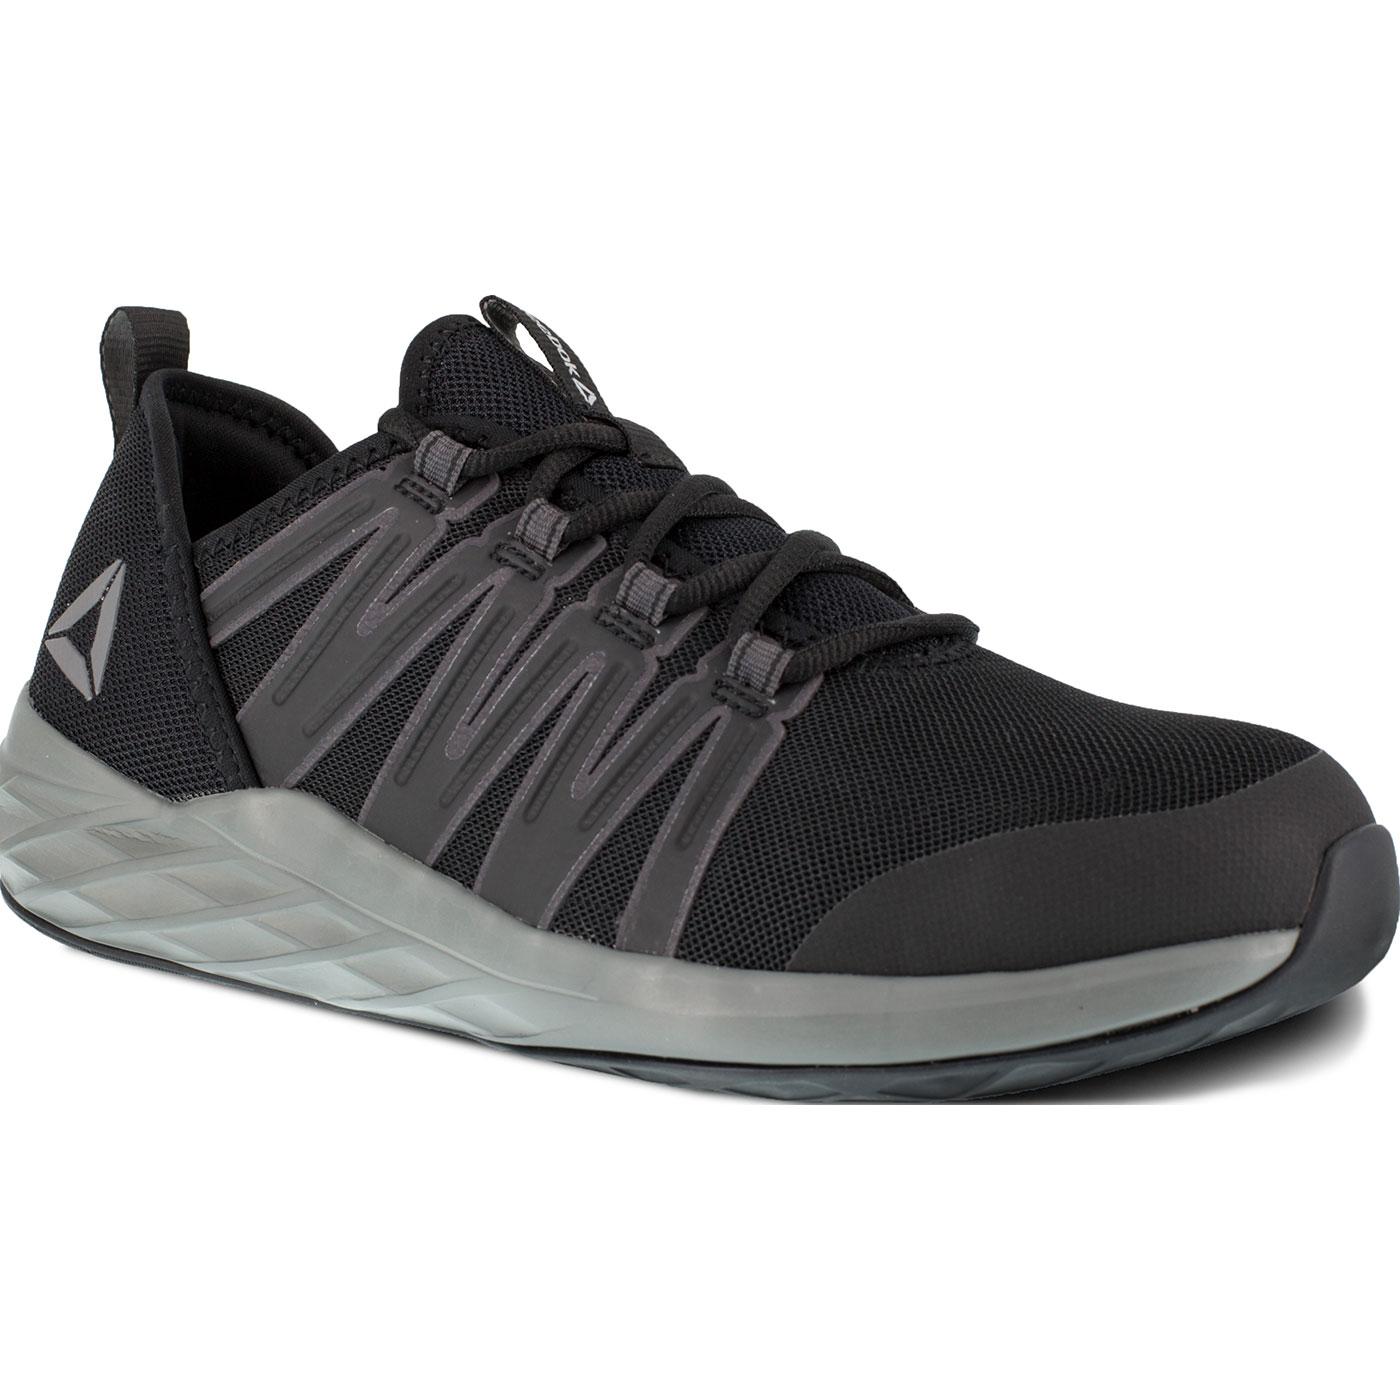 Reebok Astroride Work Men s Steel Toe Electrical Hazard Athletic Oxford  ShoeReebok Astroride Work Men s Steel Toe Electrical Hazard Athletic Oxford  Shoe d4e09fe96